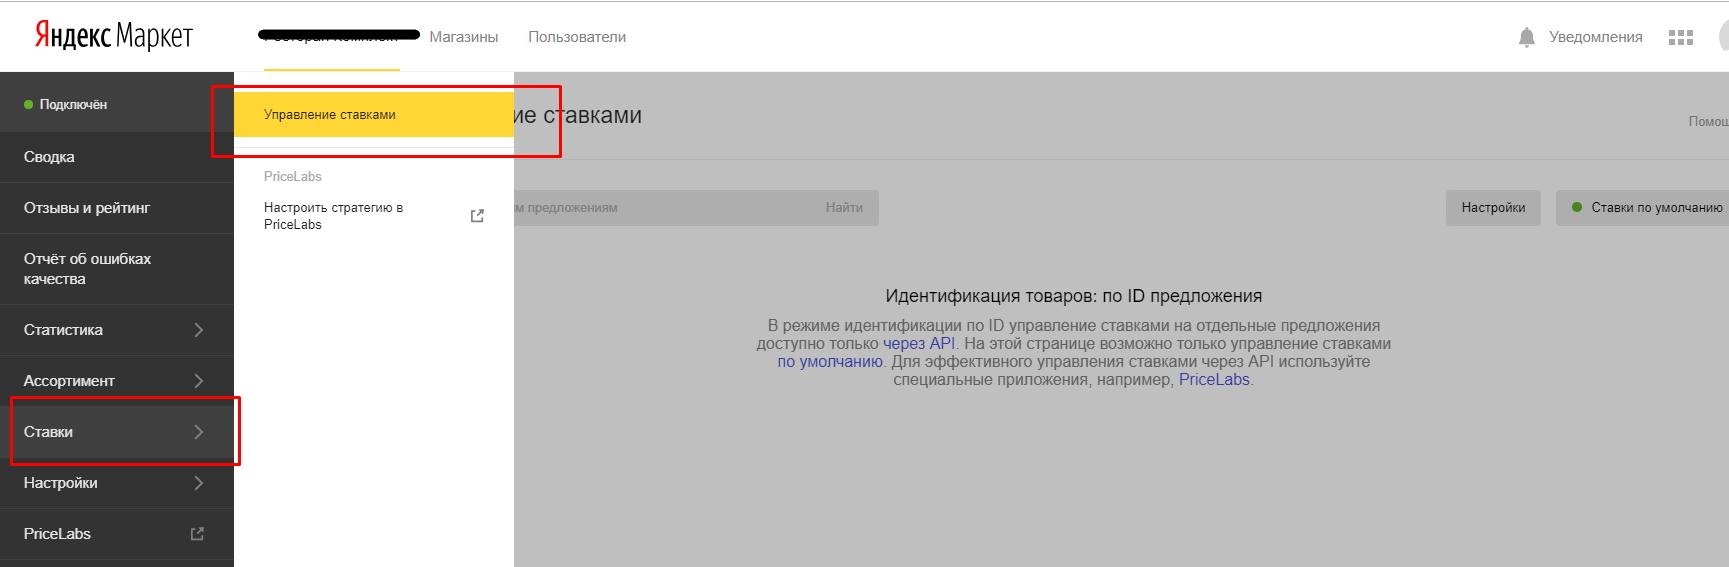 Управление ставками через личный кабинет Яндекс.Маркета.